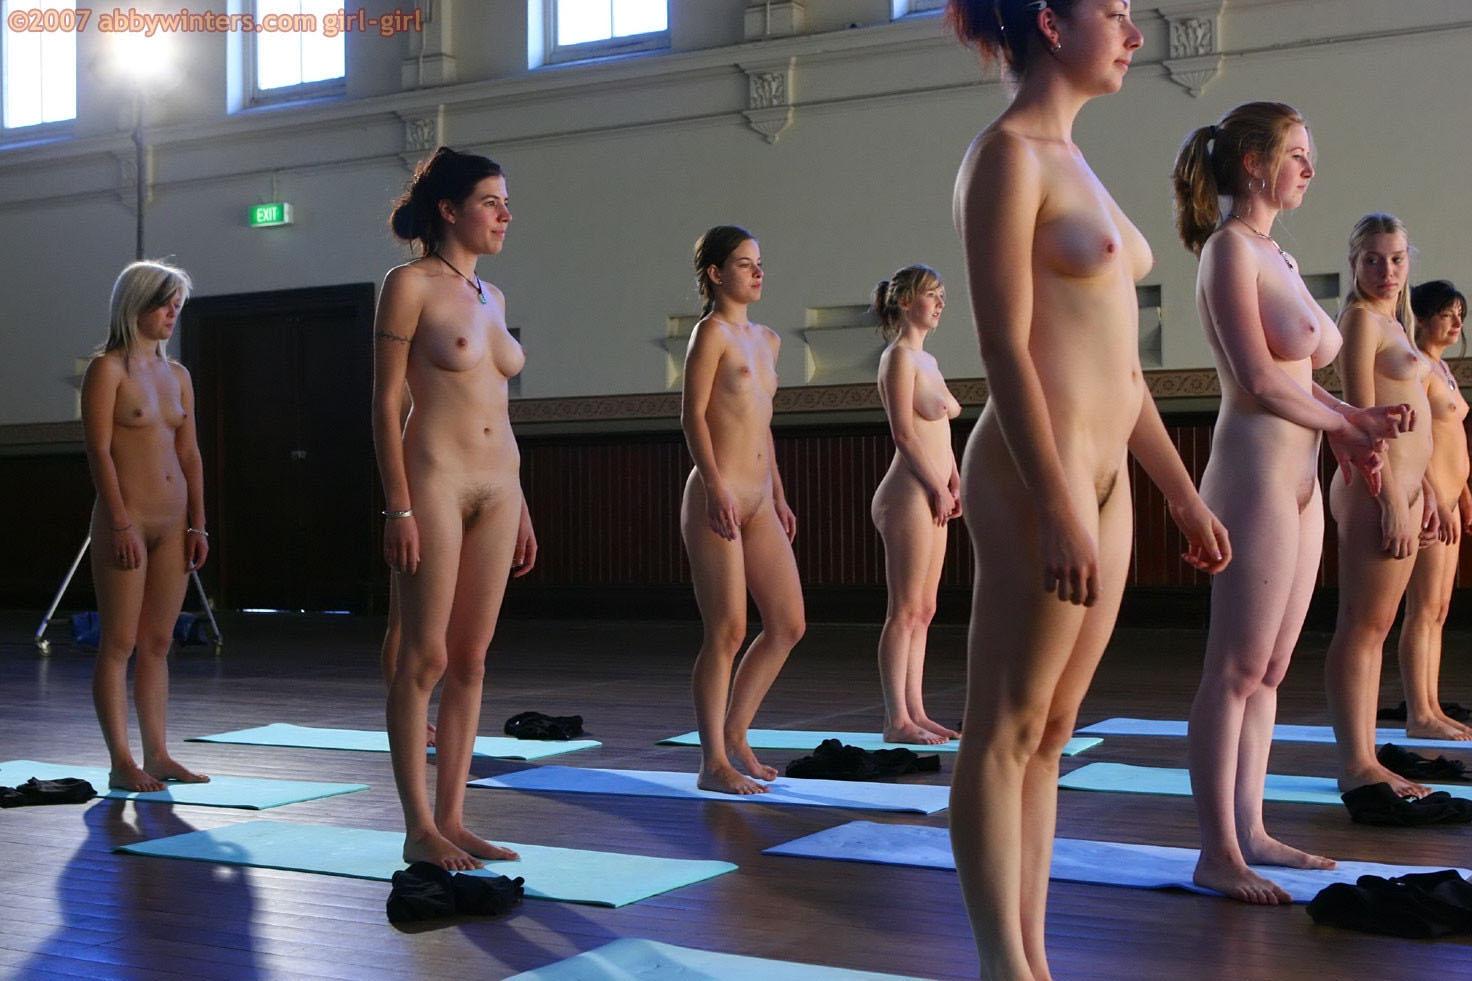 【外人】全裸で集団ヨガに励む美女達のセクシーポルノ画像 648